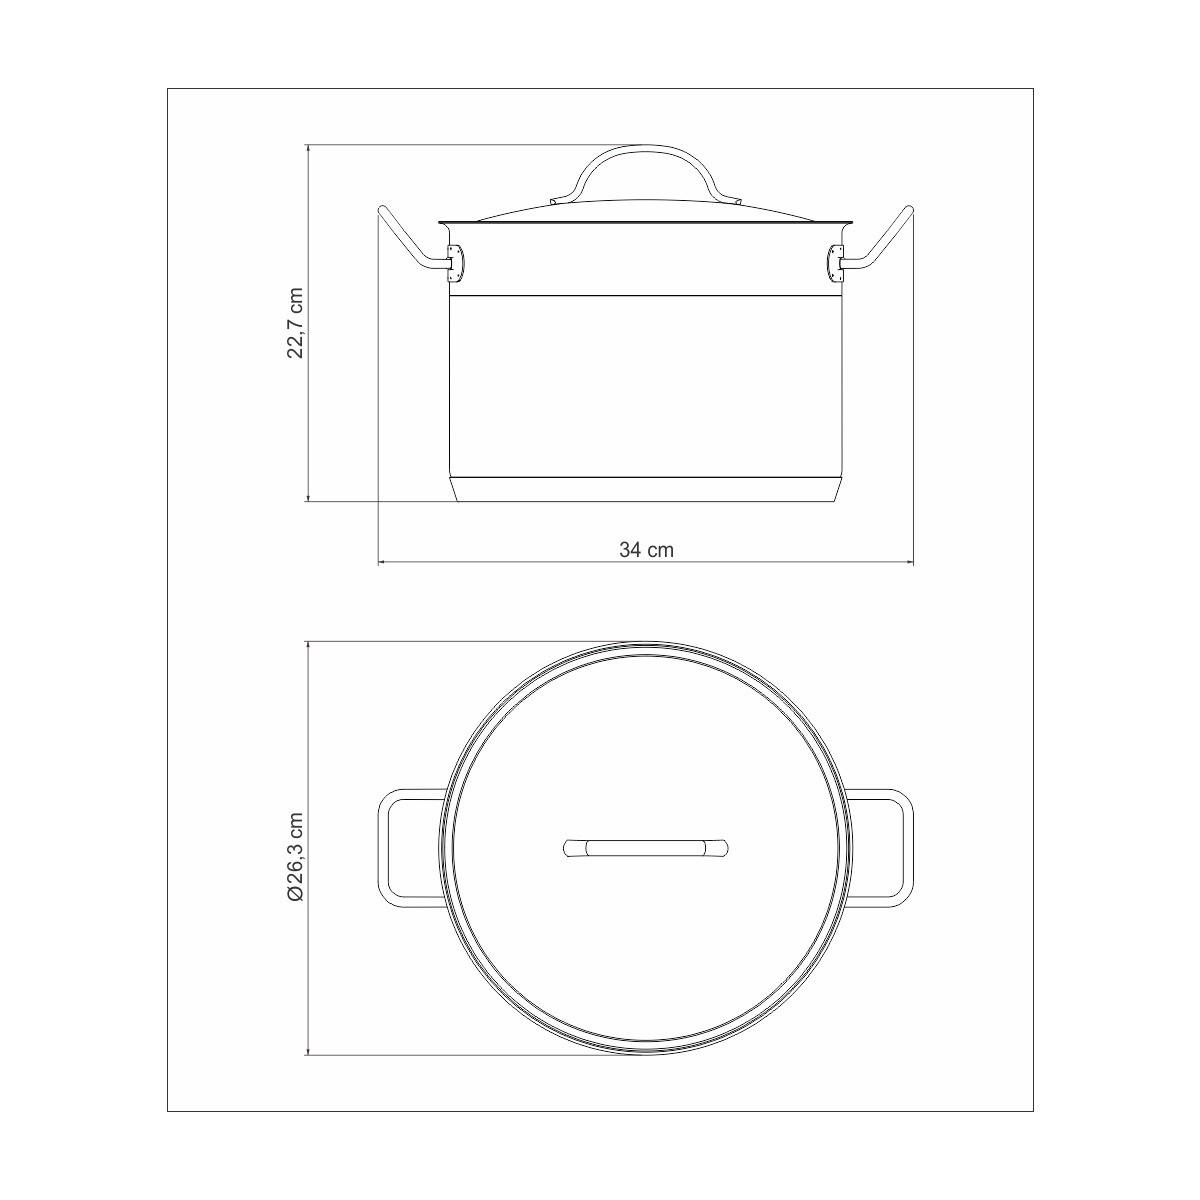 Caldeirão Aço Inox Professional 24cm 7,8L  - Sua Casa Gourmet e Cia